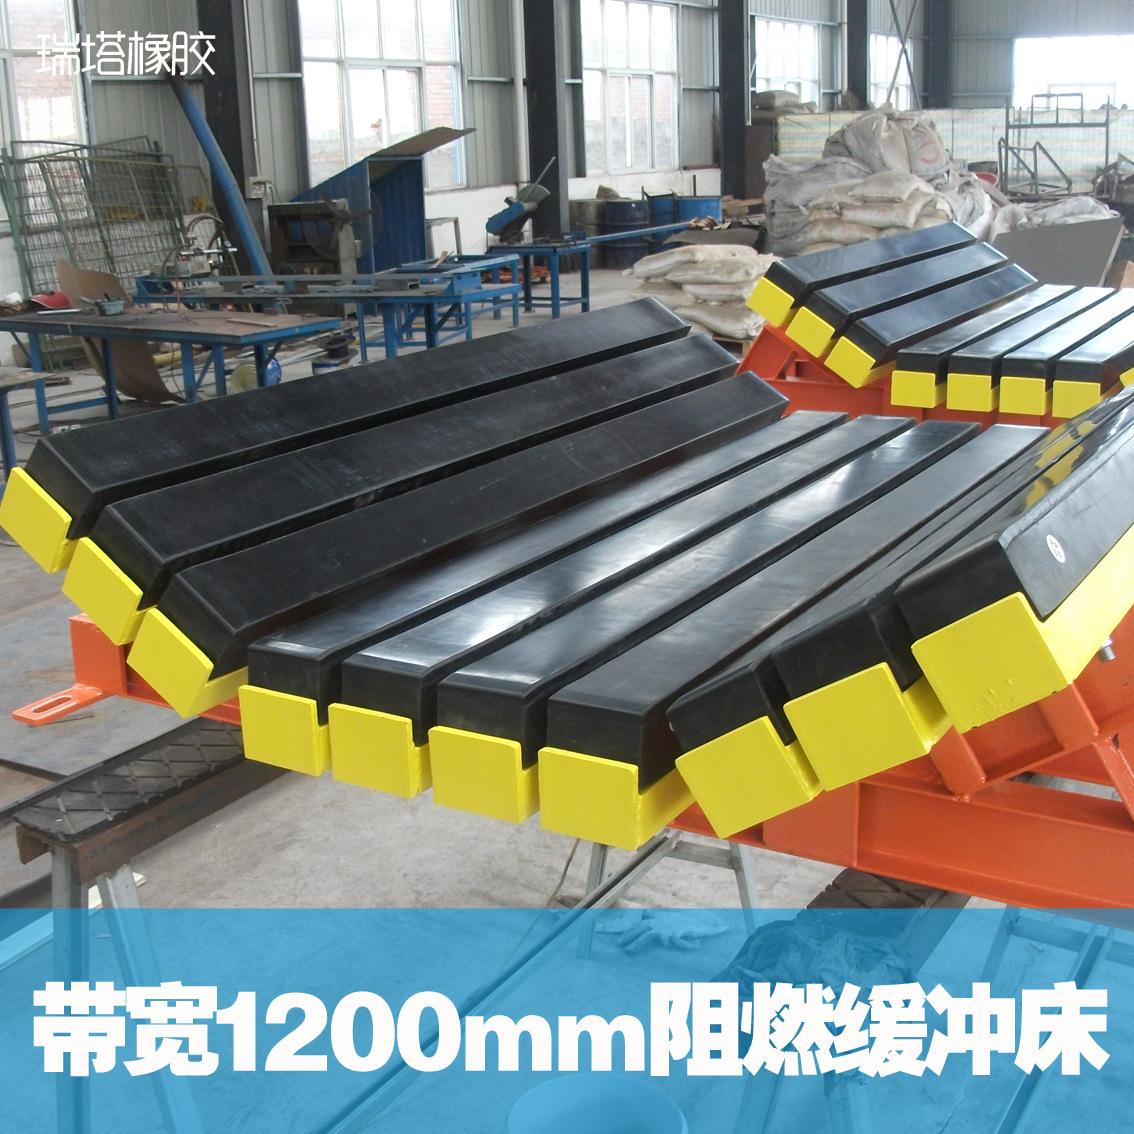 厂家专业生产B1000缓冲床,1m缓冲滑槽,缓冲床安装示例图4